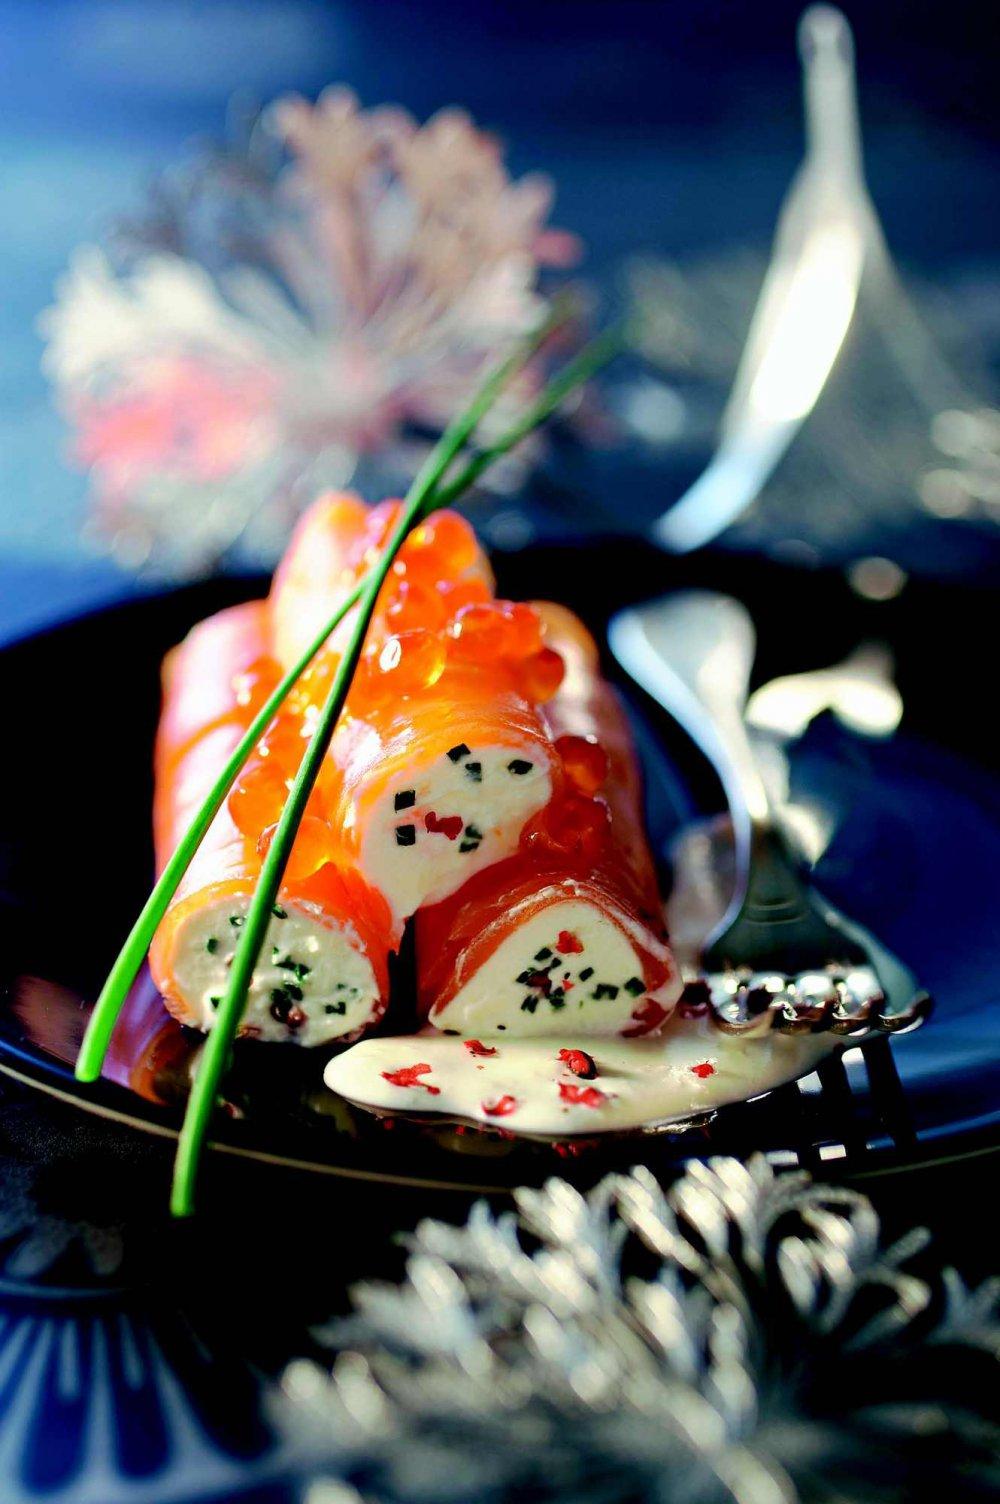 Que Manger Avec Du Saumon : manger, saumon, Manger, Vodka, Marie, Claire